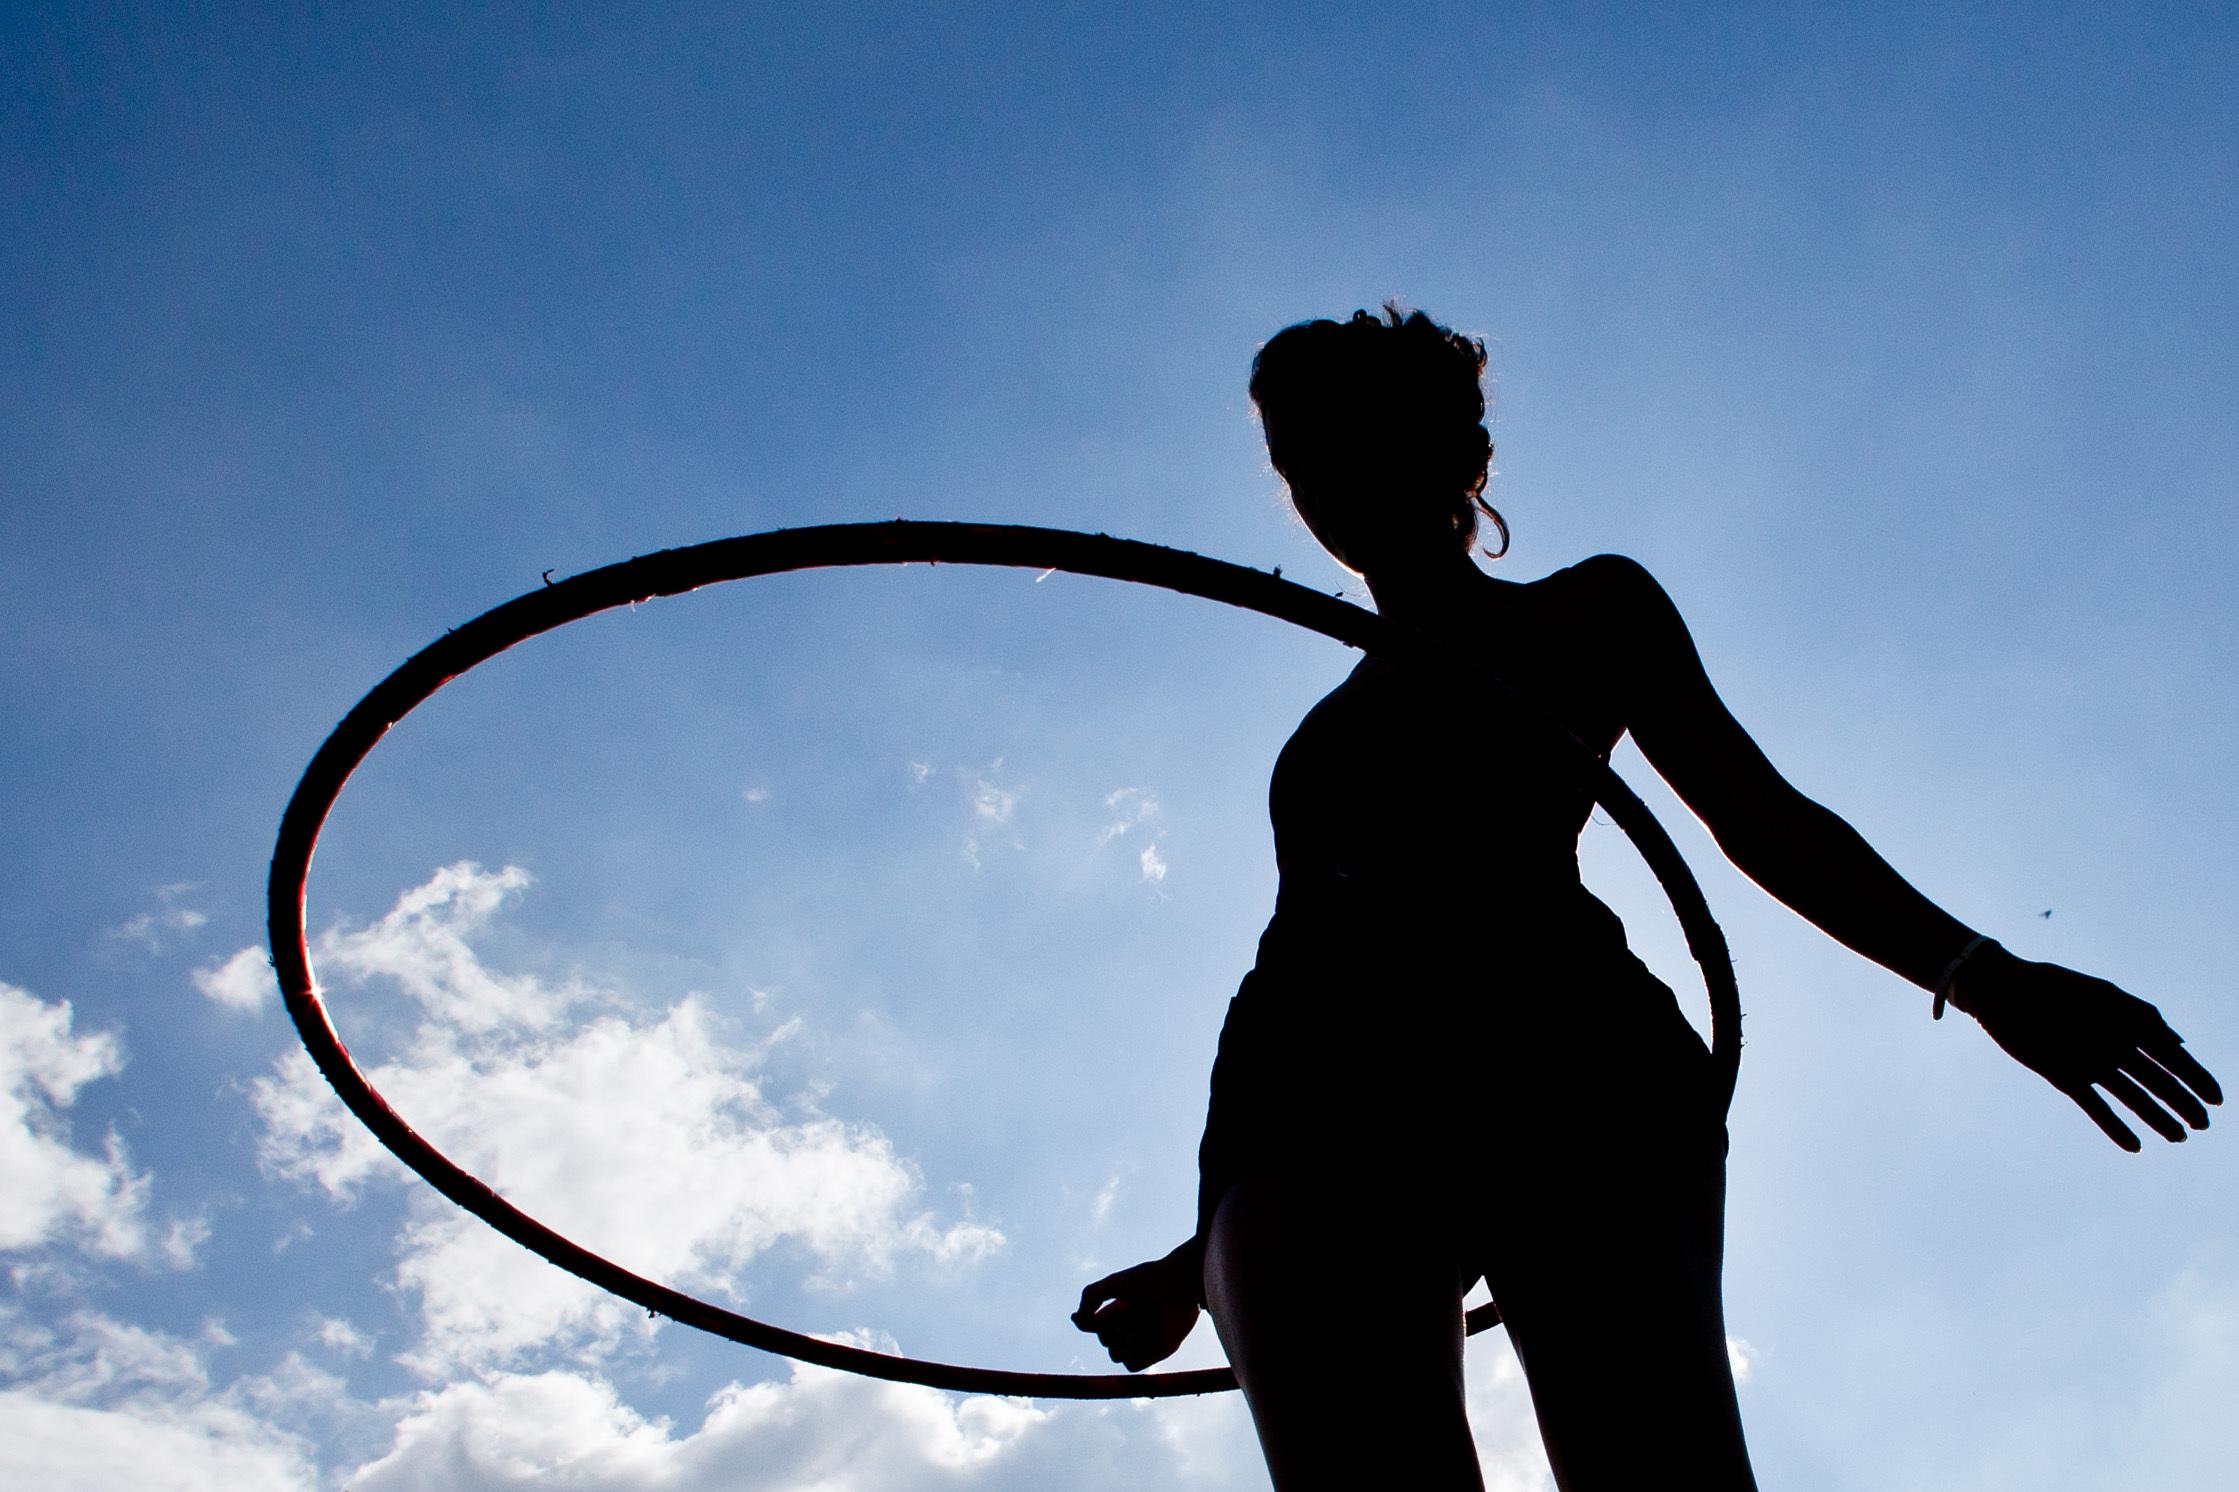 Cómo utilizar el hula-hula o el hula hoop - Prensa Libre